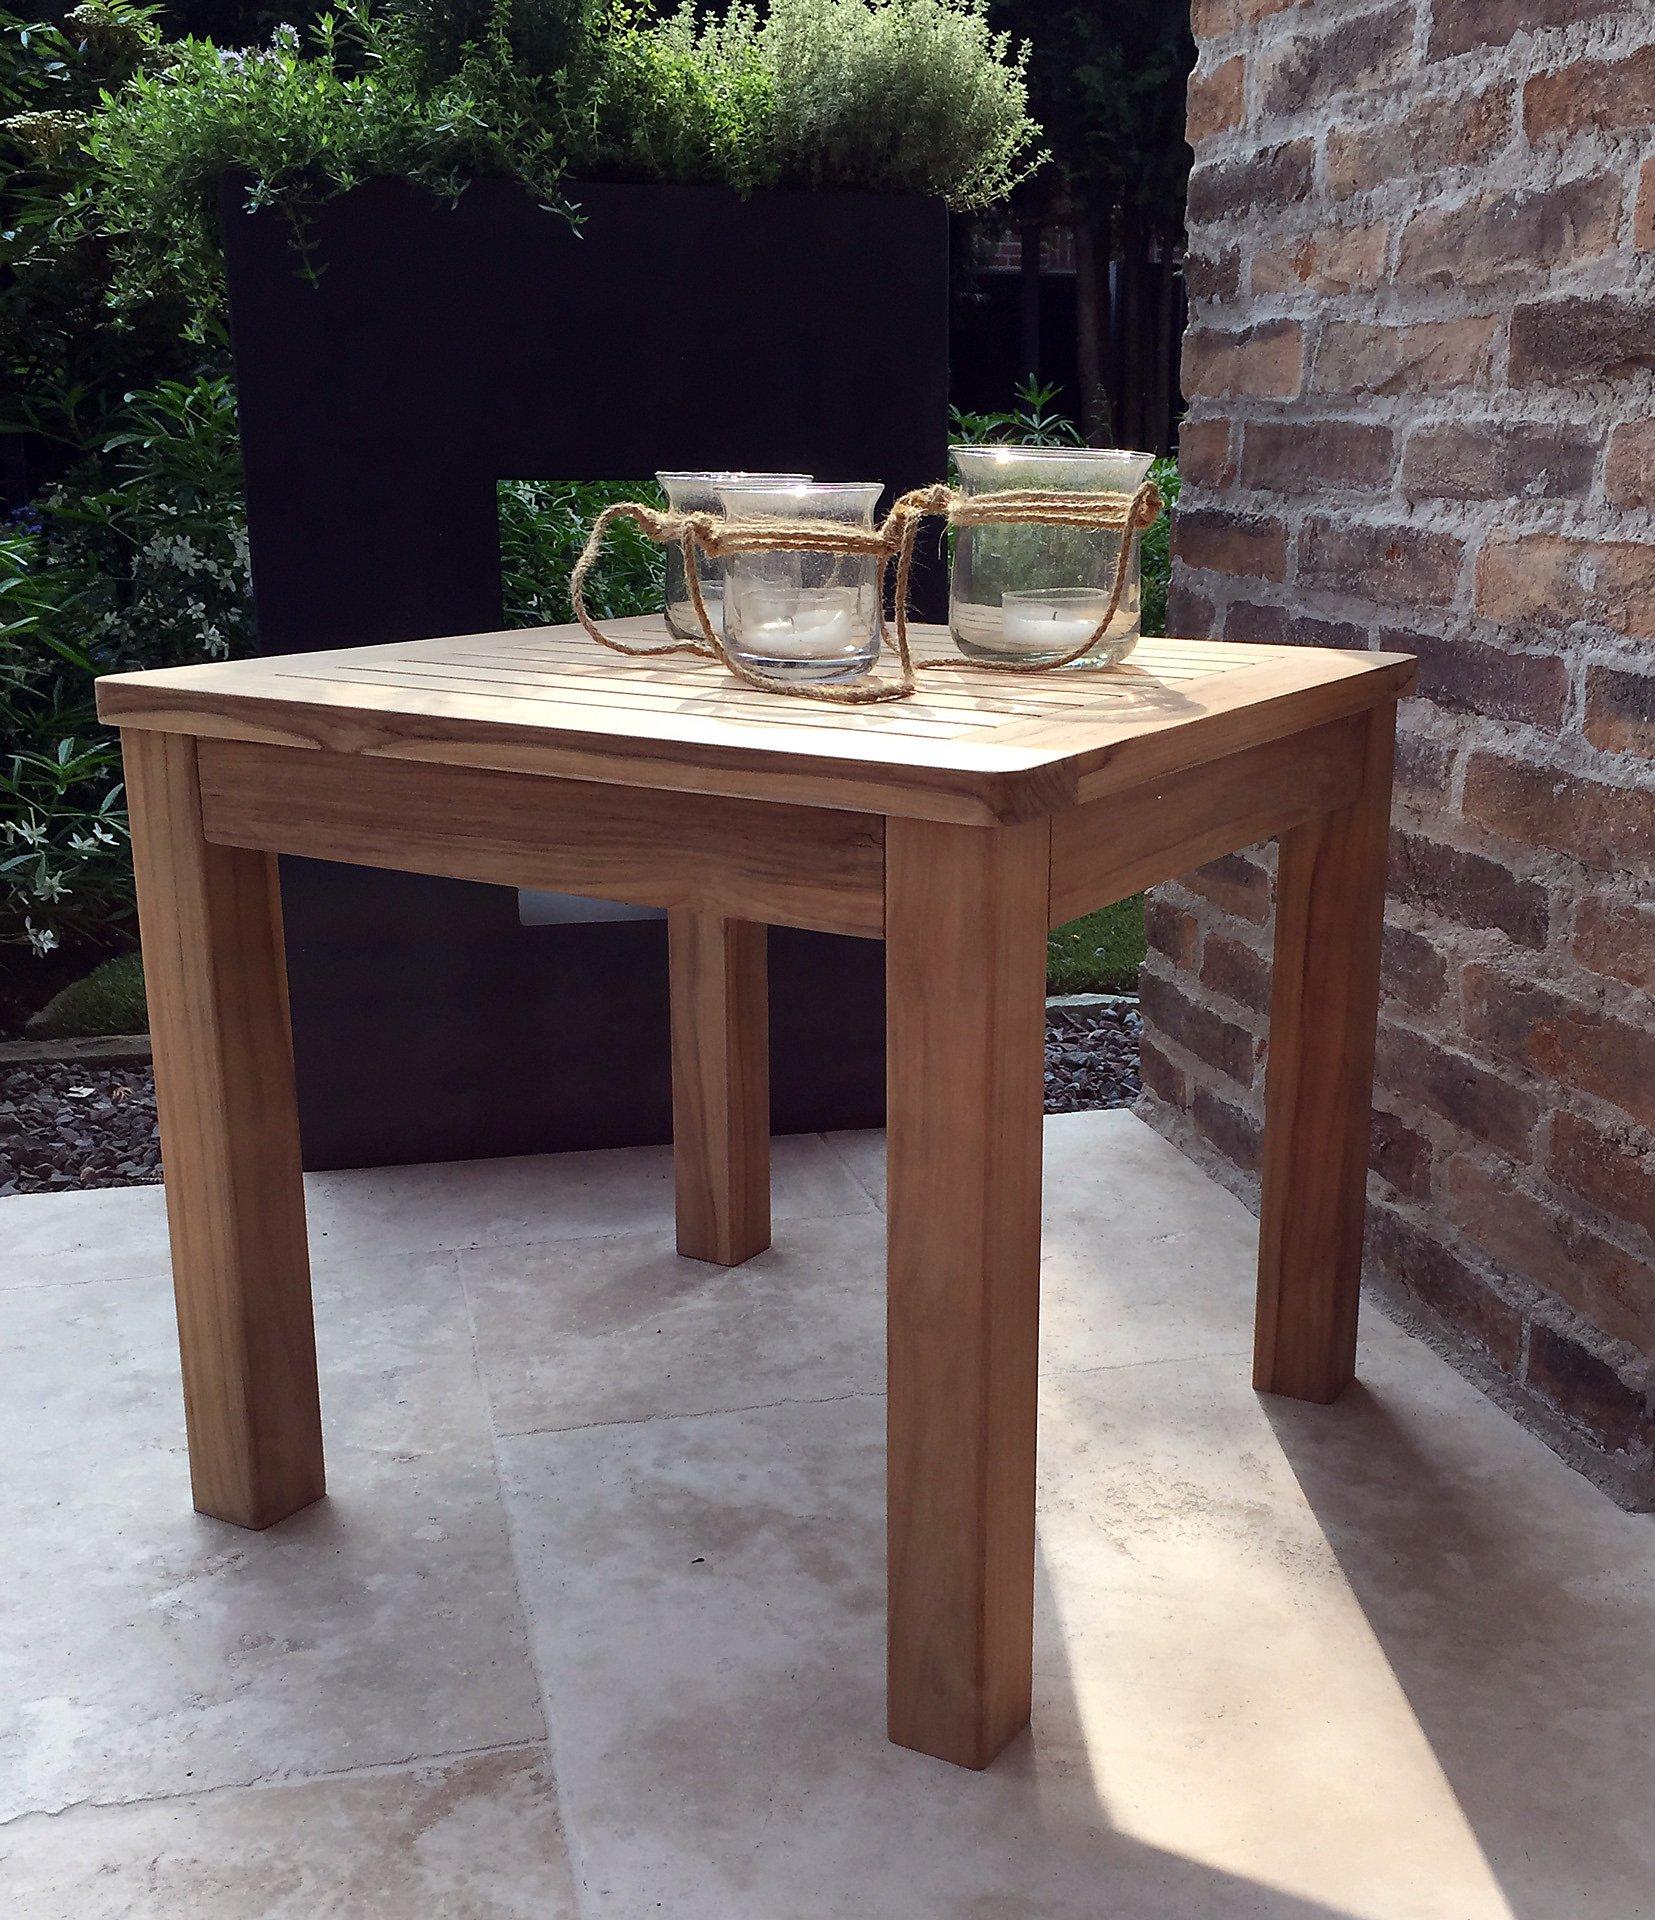 Grasekamp Teak Beistelltisch 50x50 Cm Kaffeetisch Gartenmöbel Möbel